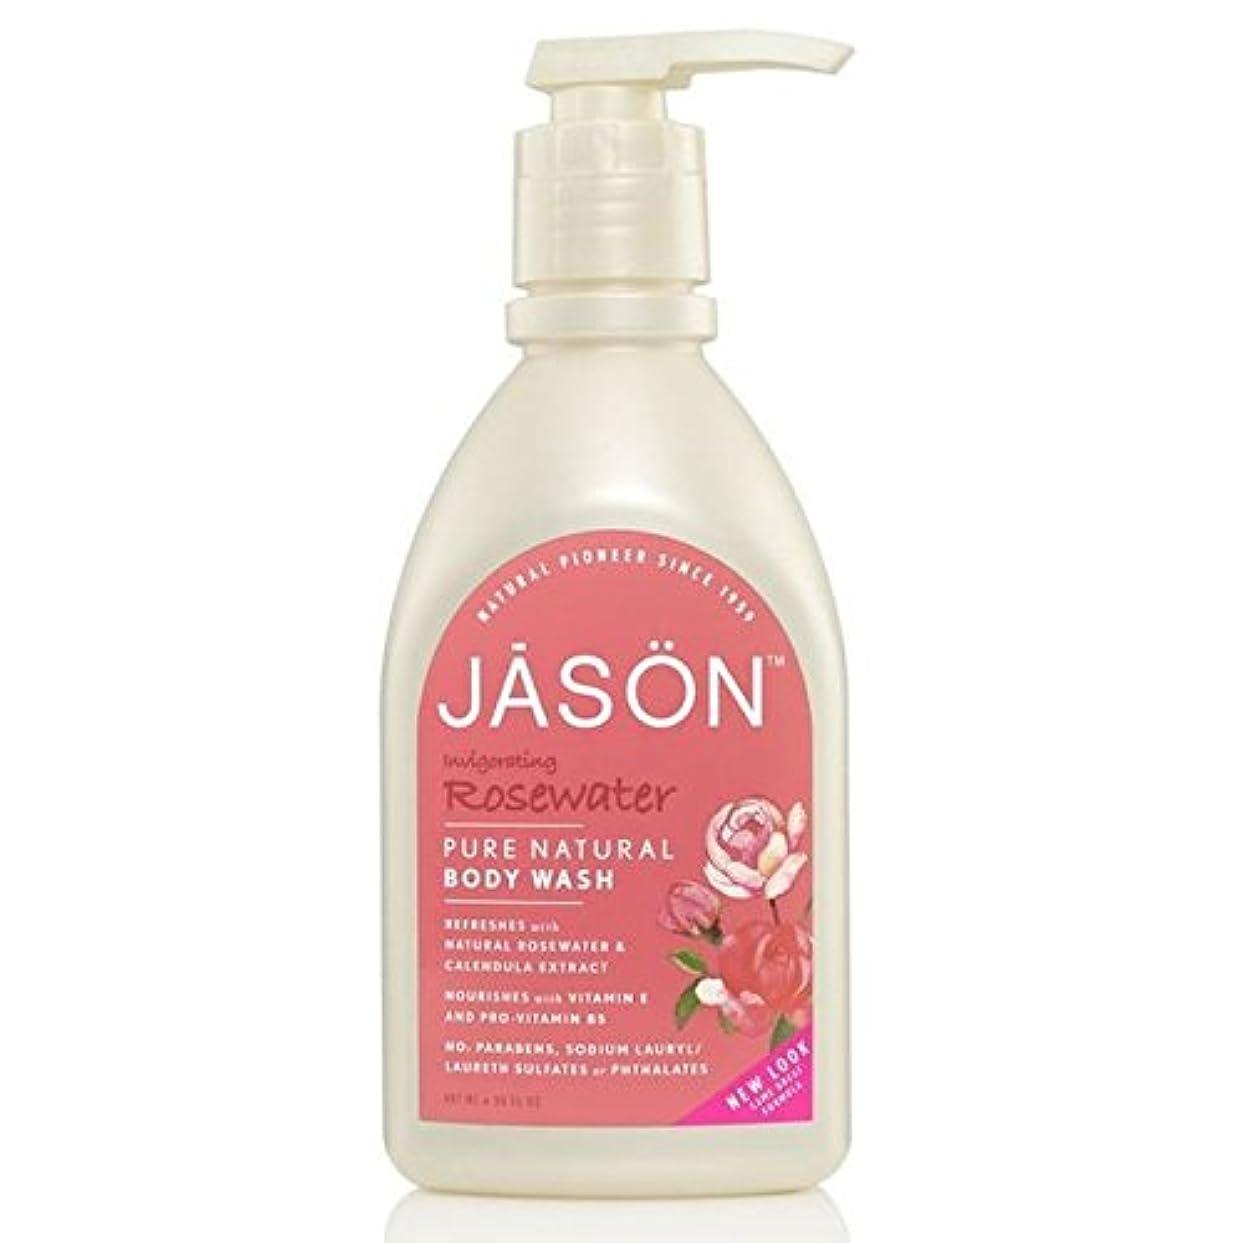 ブレーク取るプライバシージェイソン?ボディウォッシュローズウォーターサテンシャワー900ミリリットル x2 - Jason Body Wash Rosewater Satin Shower 900ml (Pack of 2) [並行輸入品]